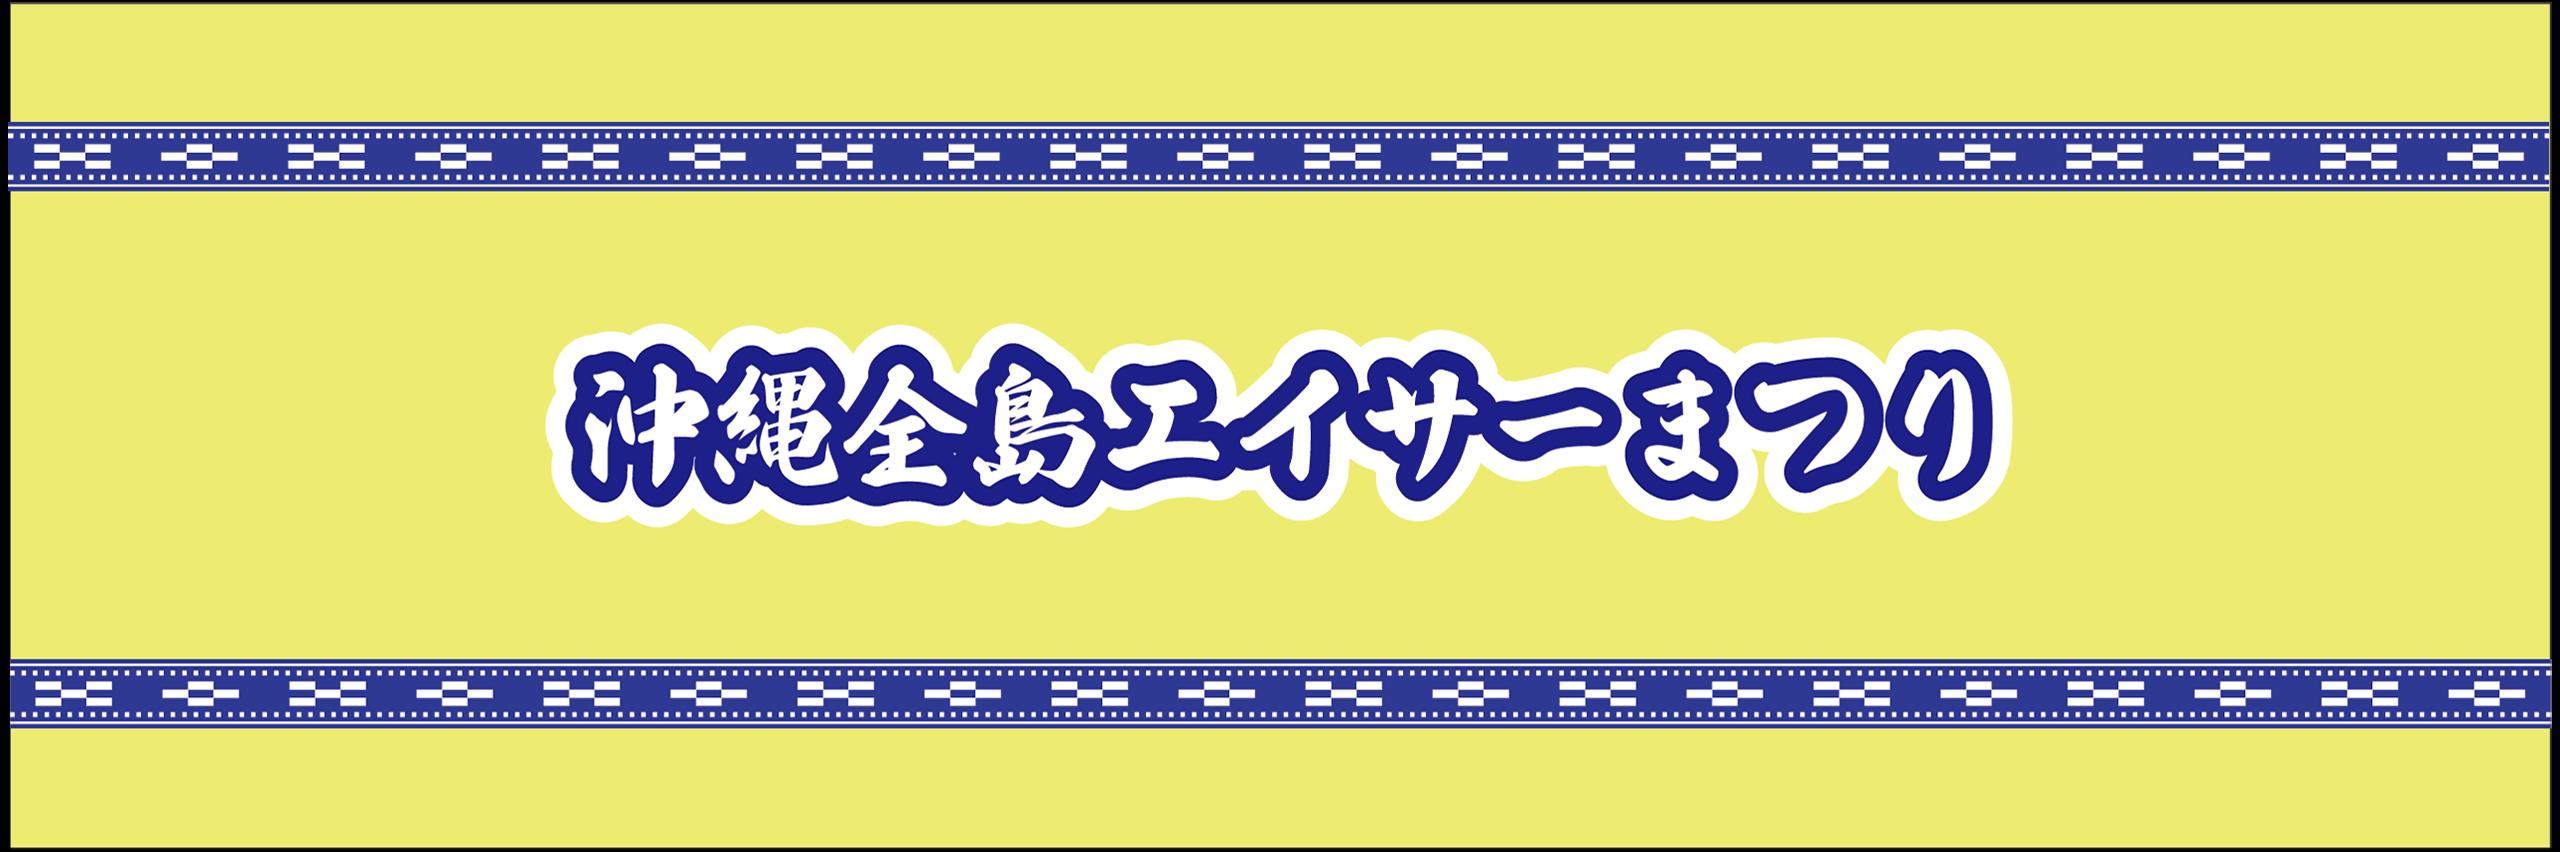 第63回沖縄全島エイサーまつり